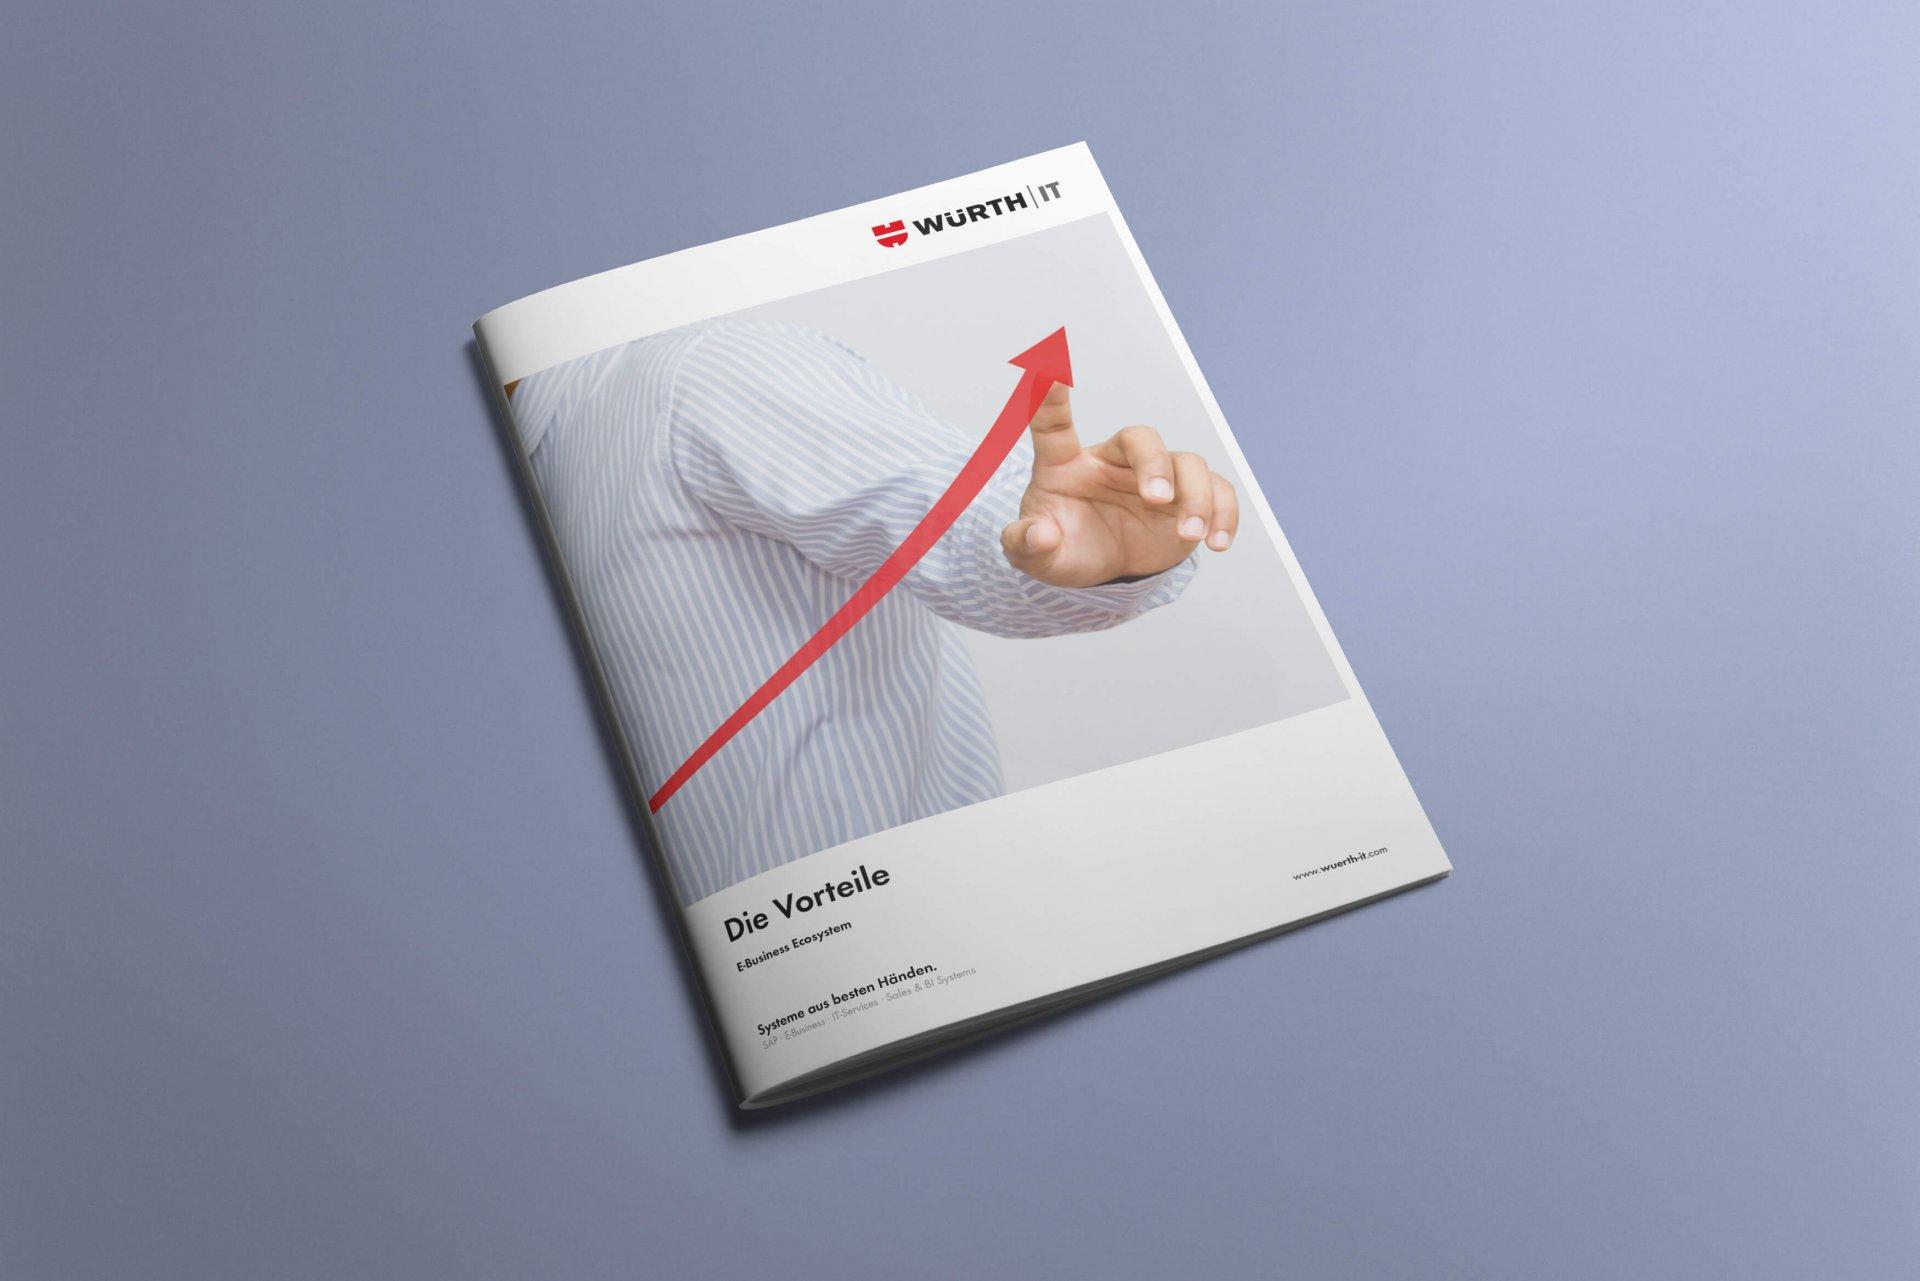 WÜRTHIT-E-Business-Vorteile_DE_LIT-perspektive-color-klassische-werbung-refernez